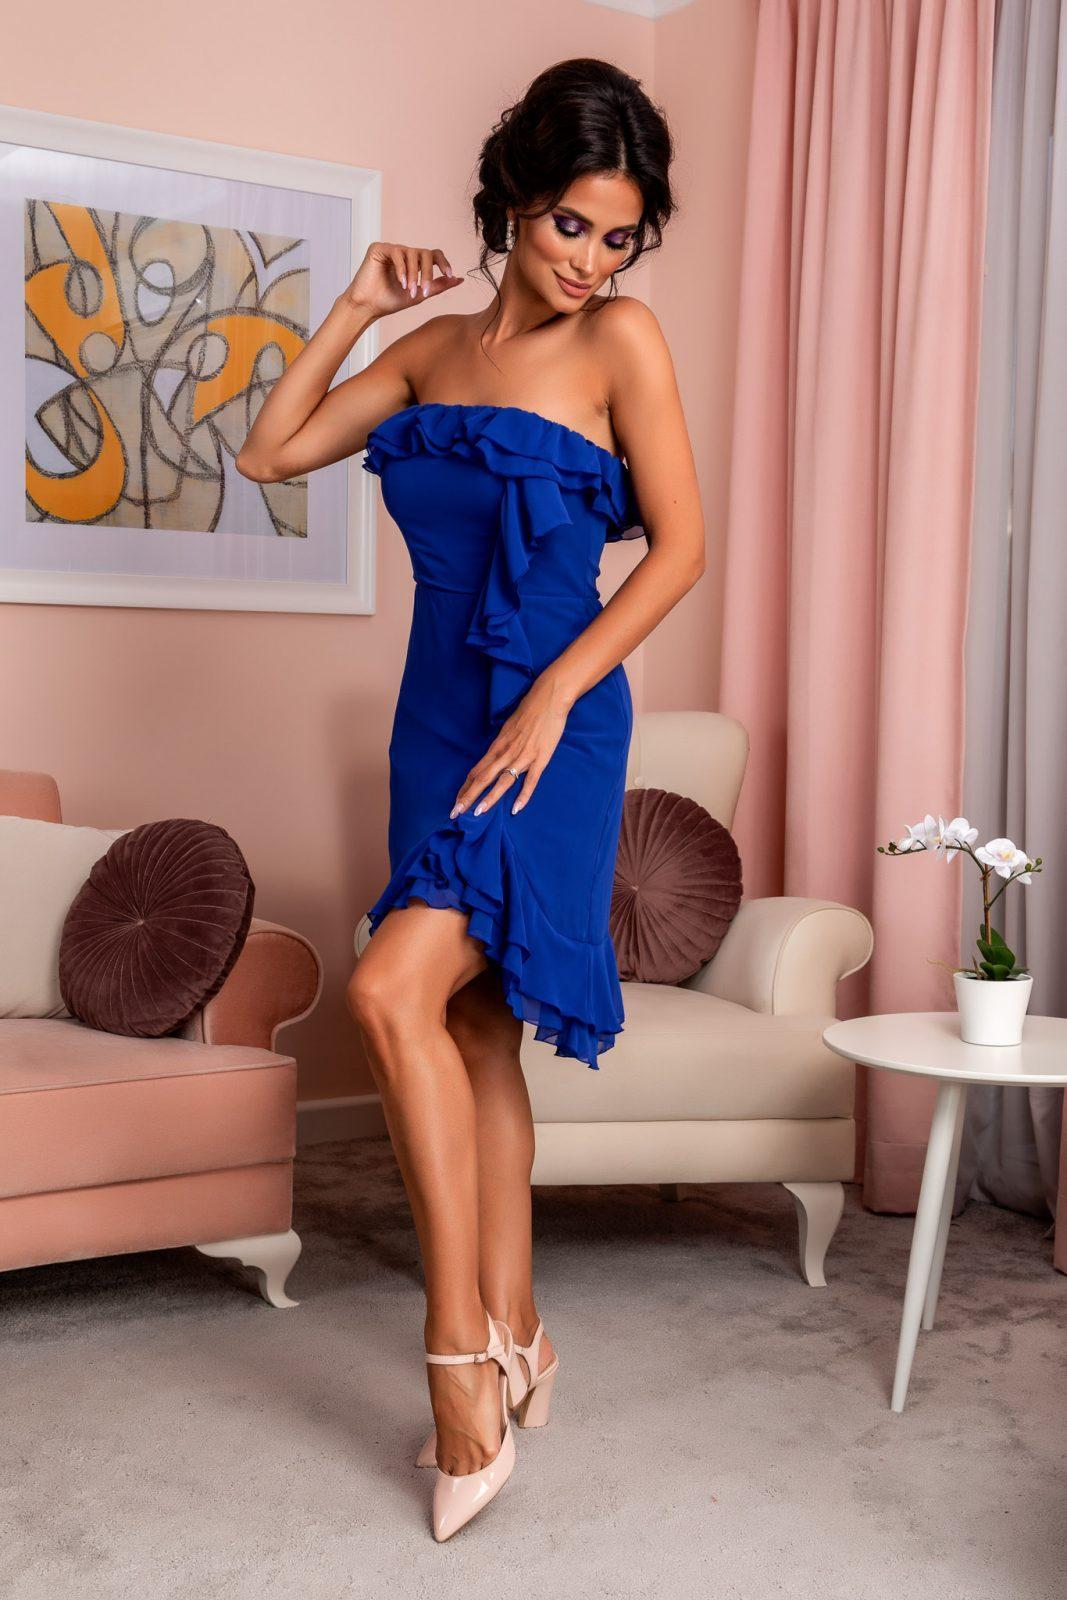 Μπλε Στράπλες Φόρεμα Με Βολάν Annes 7973 1